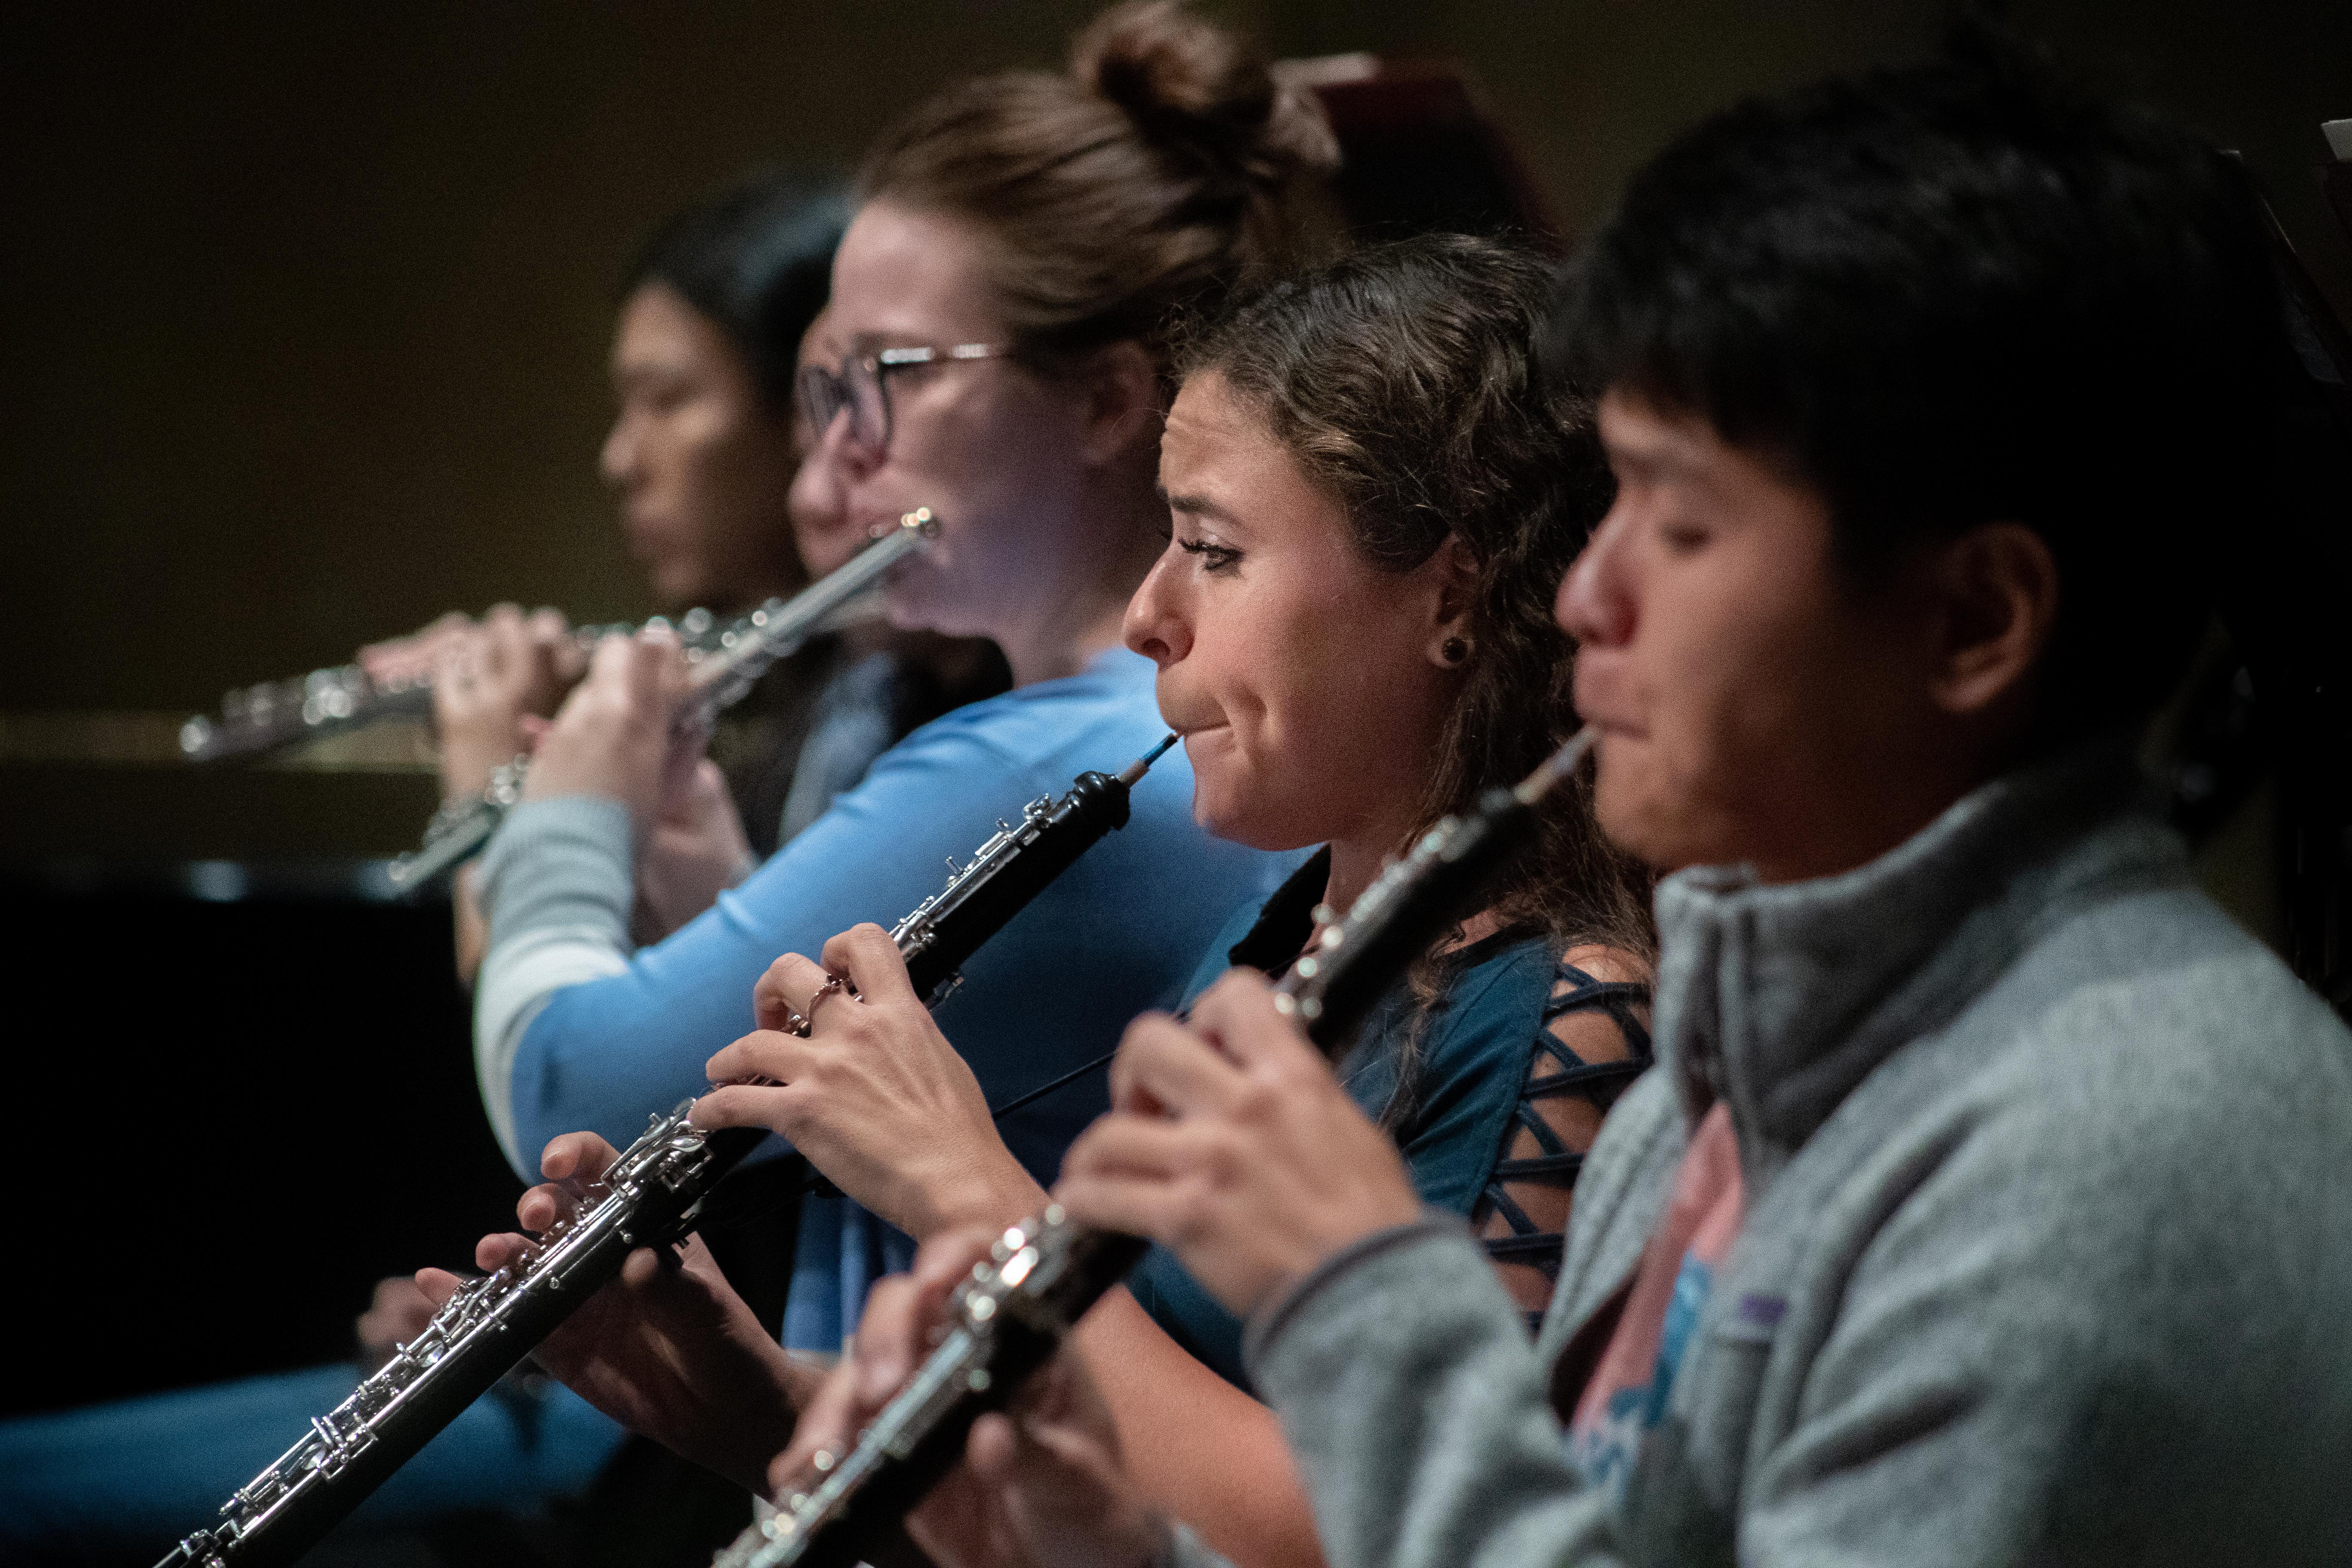 Musician Spotlight: Laura Arganbright, Principal Oboe